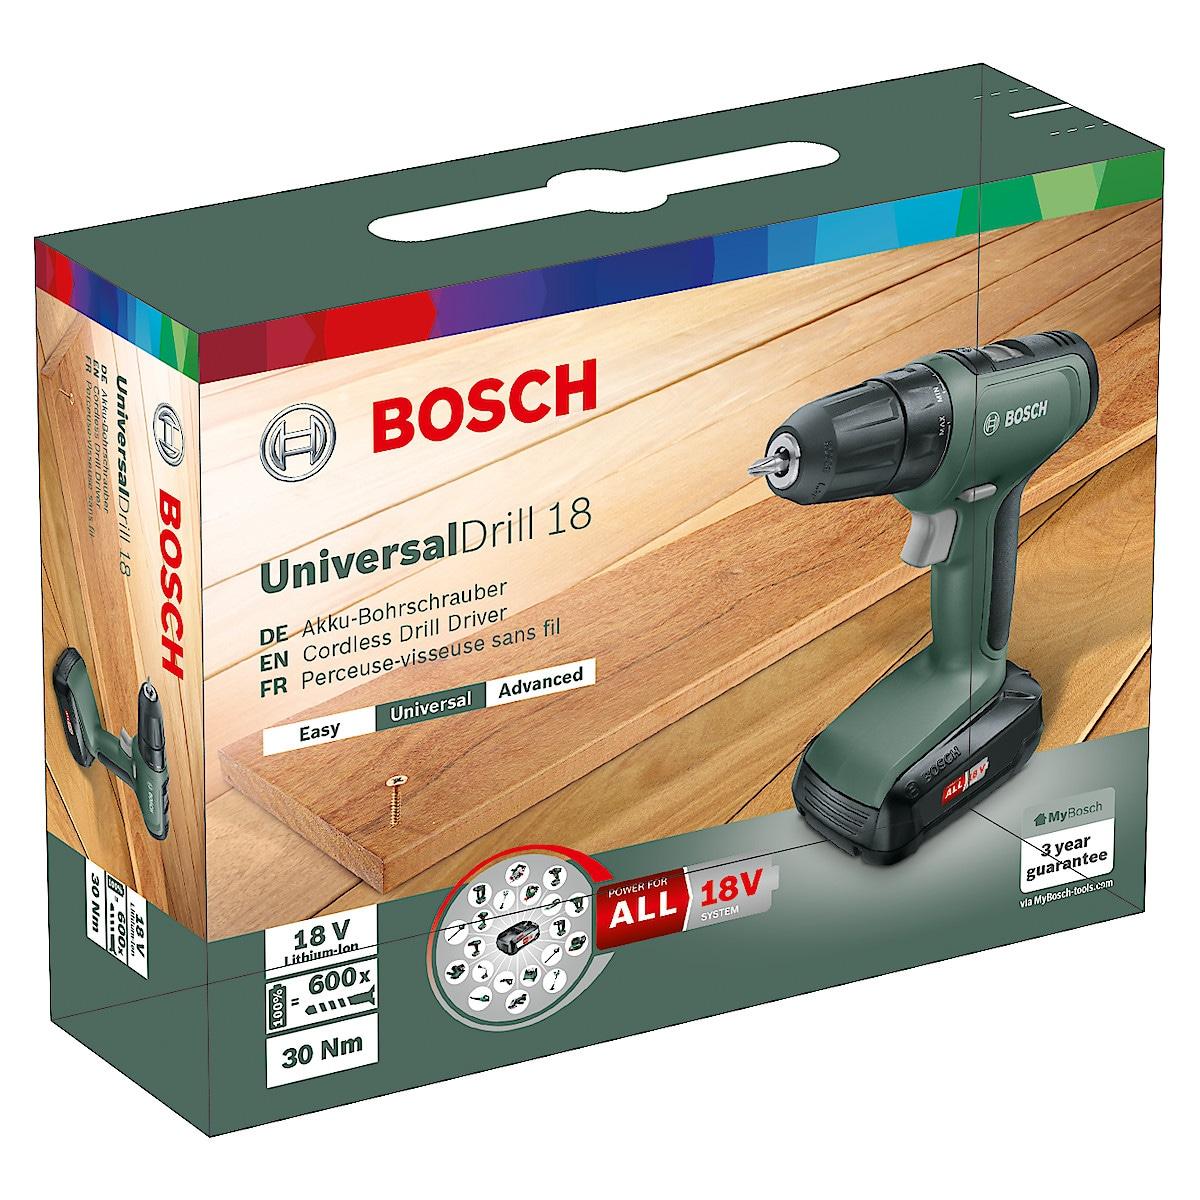 Skruvdragare Bosch Universal Drill 18